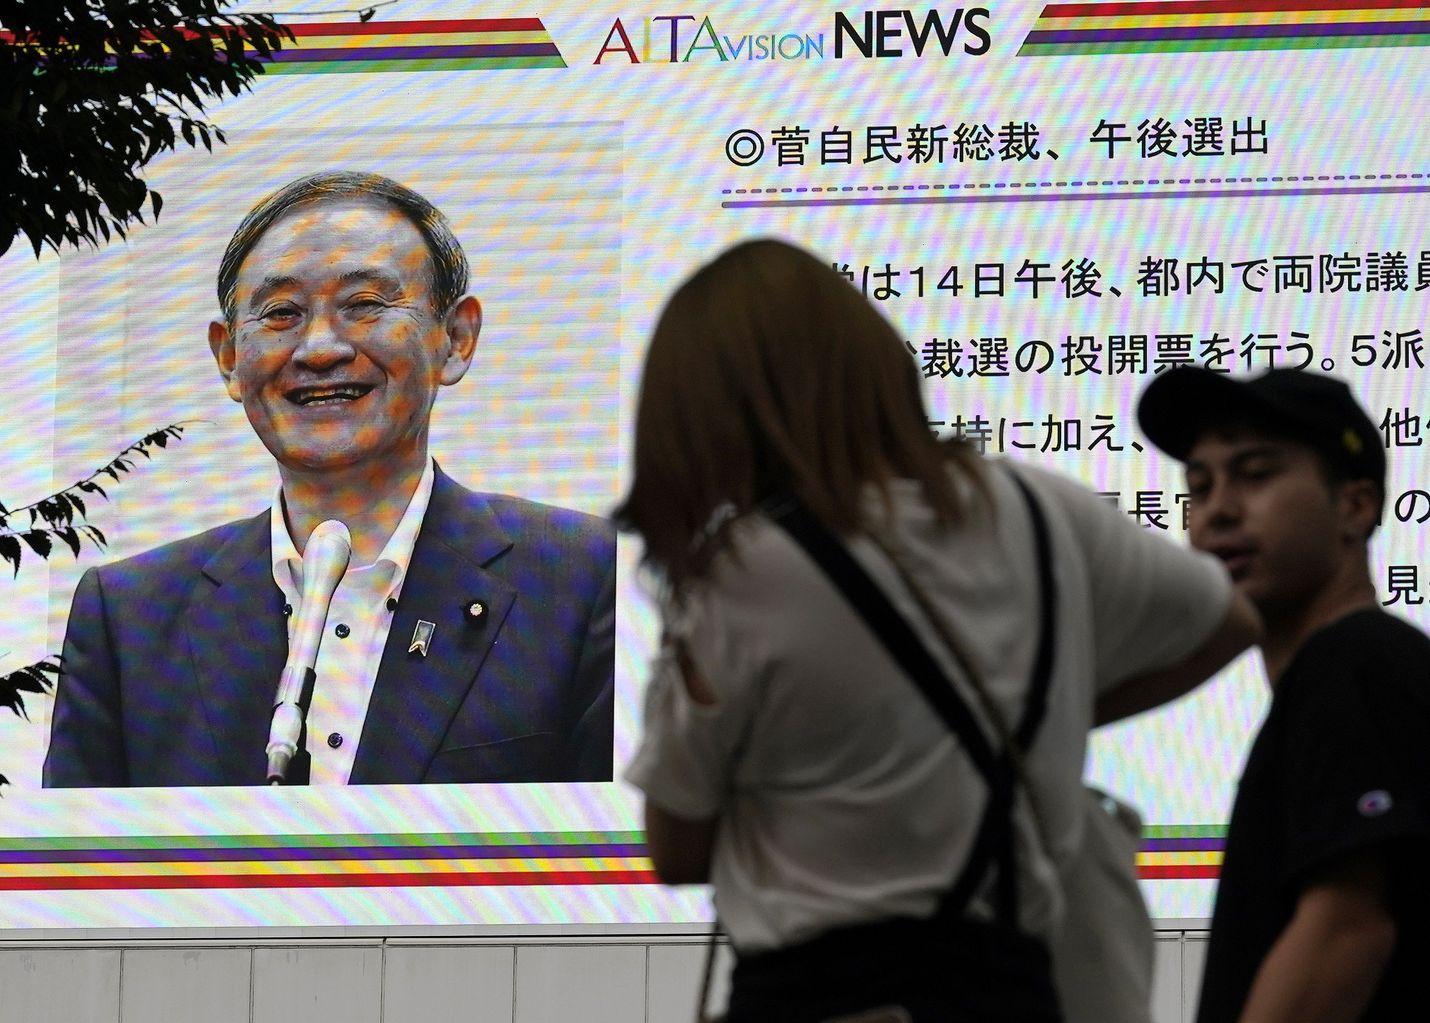 Uutistaulut Tokion katukuvassa kertoivat maanantaina Yoshihide Sugan voittaneen äänestyksen valtapuolueen puheenjohtajuudesta.